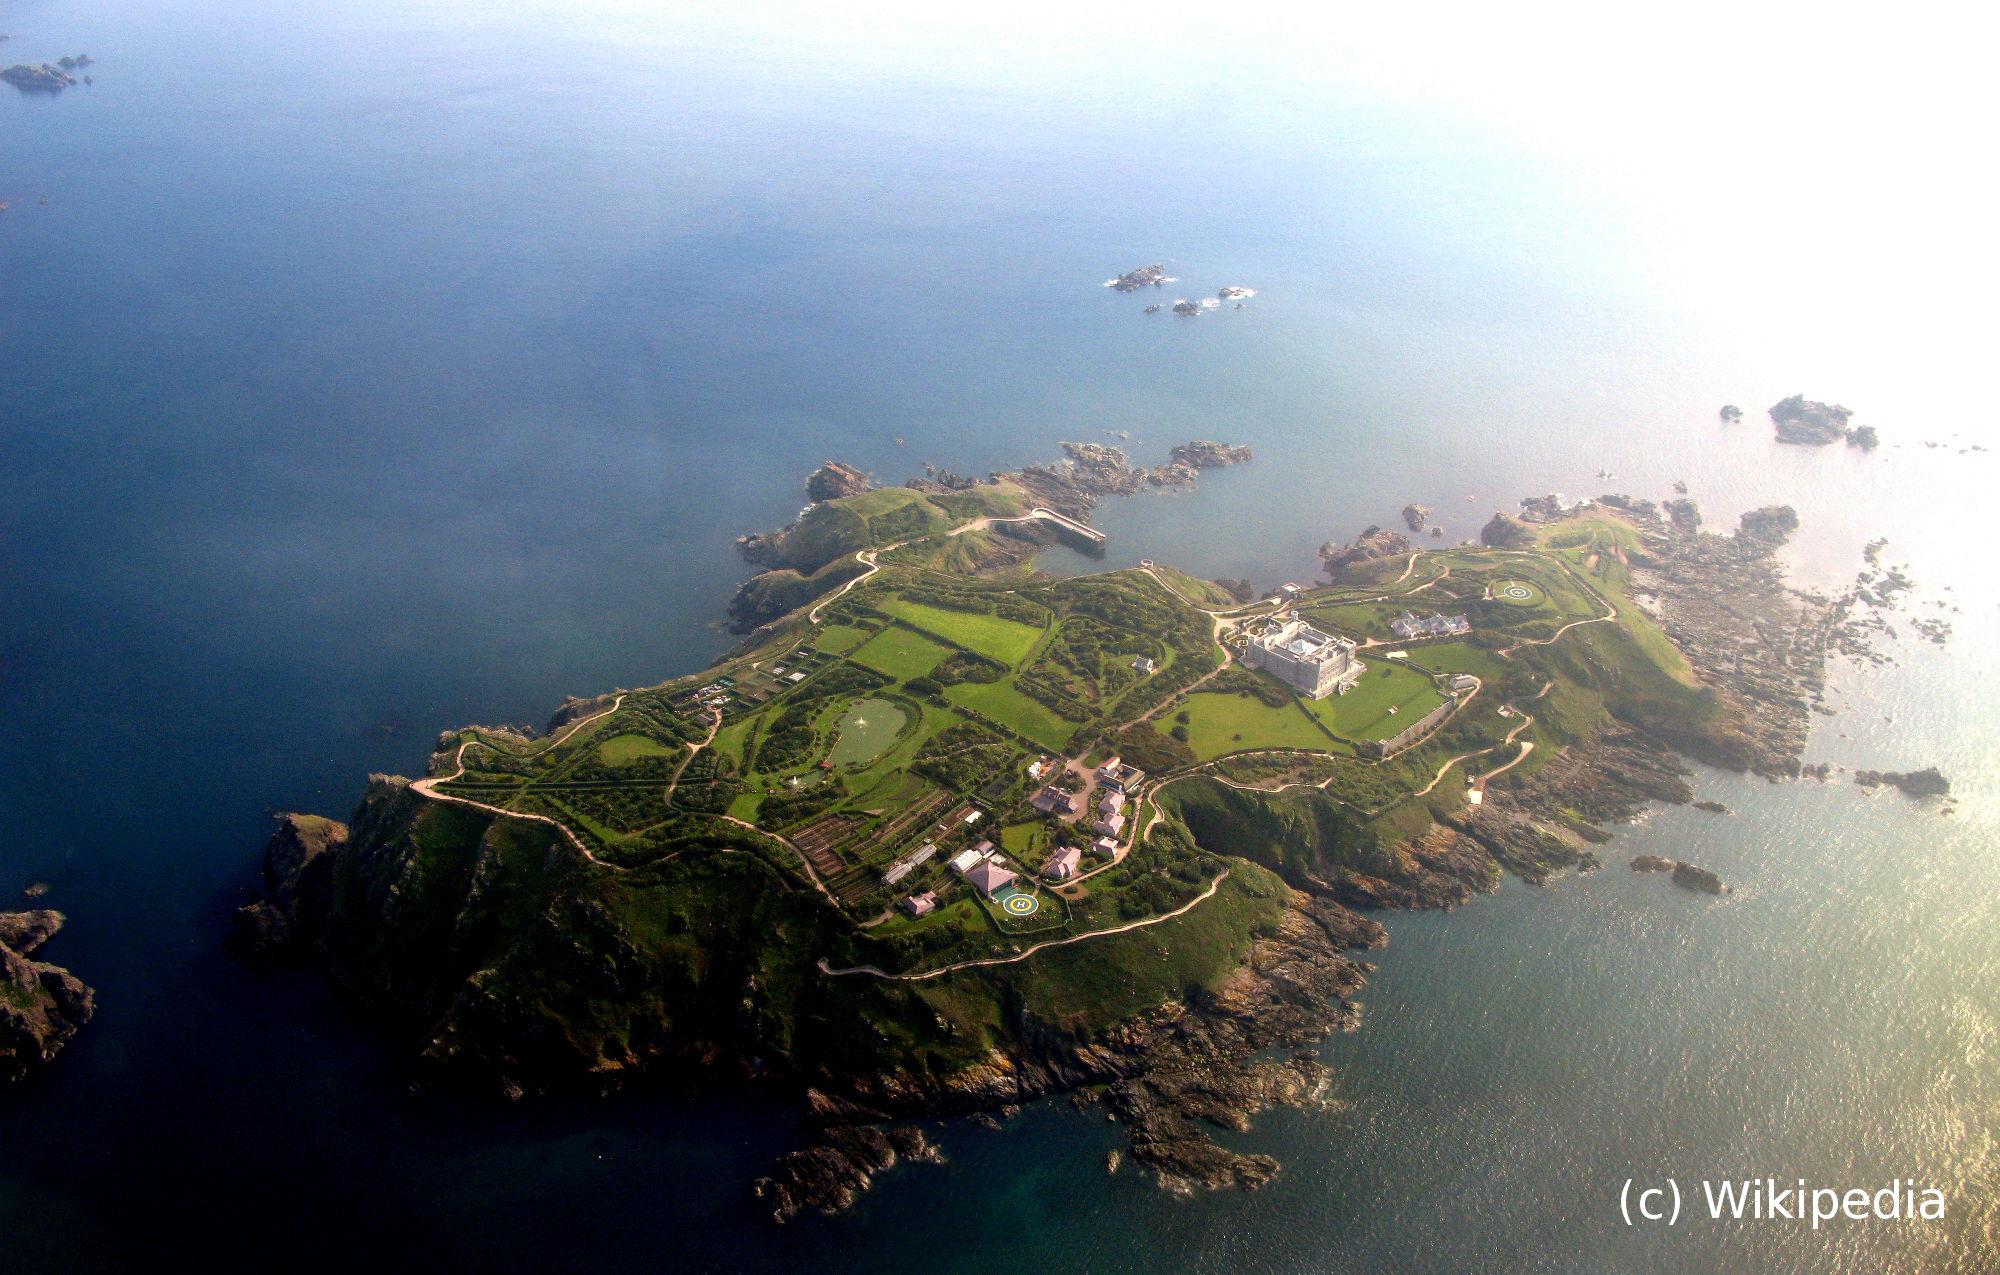 L'île de Brecqhou vue du ciel